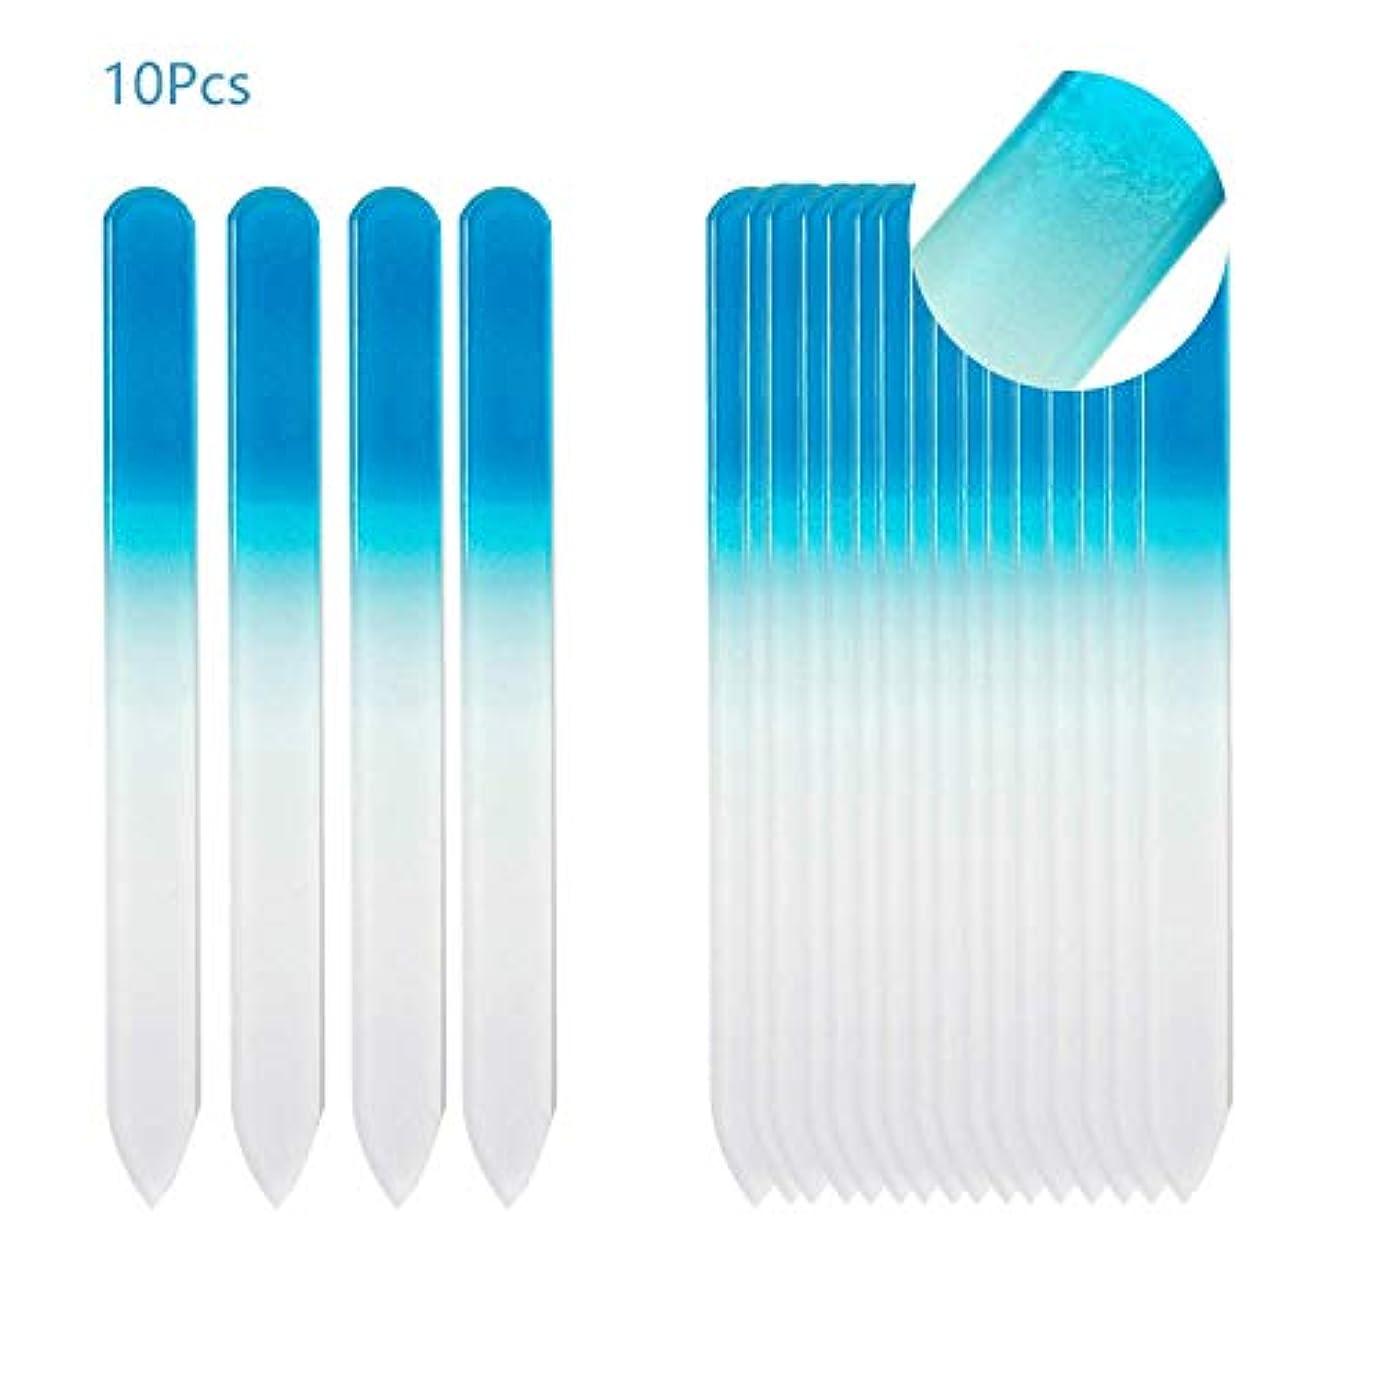 宇宙飛行士一緒ピストル爪やすり ガラスファイル グラスファイル 何度でも再利用 ネイル用品 ジェルネイル